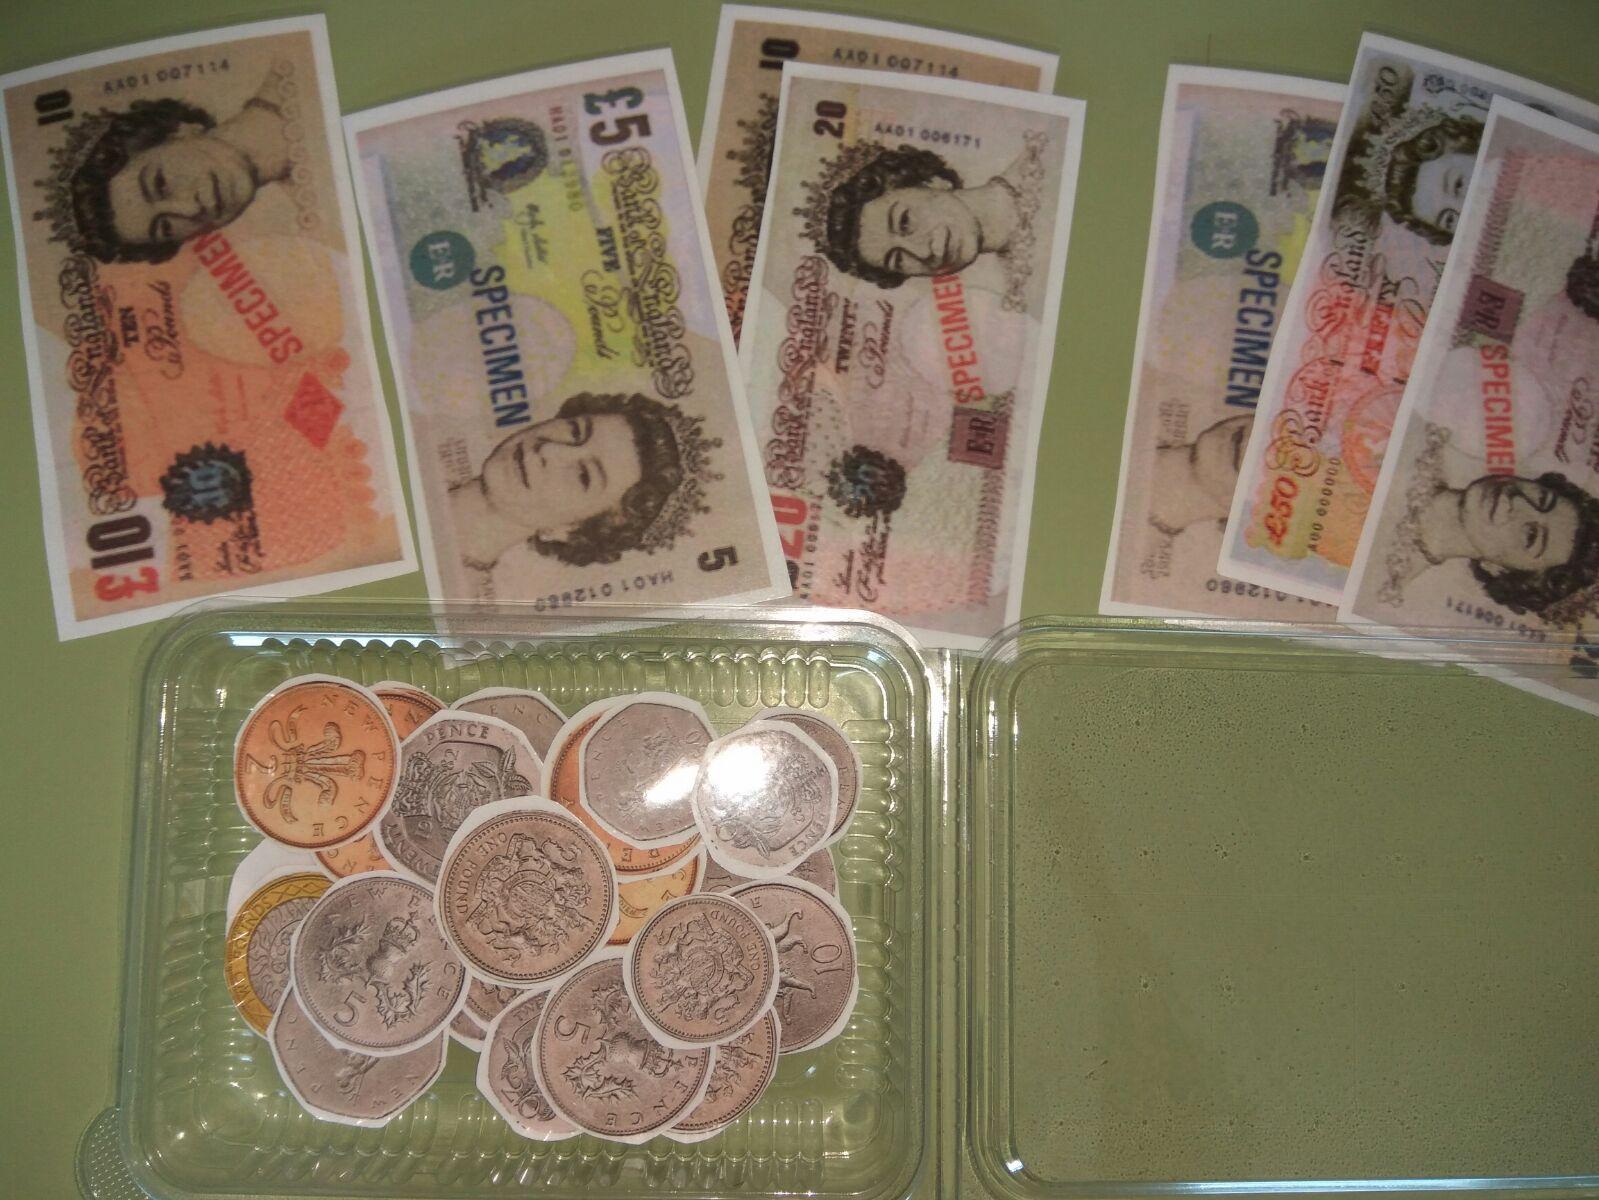 MONEY (RESTAUTANT-SUPERMARKET)